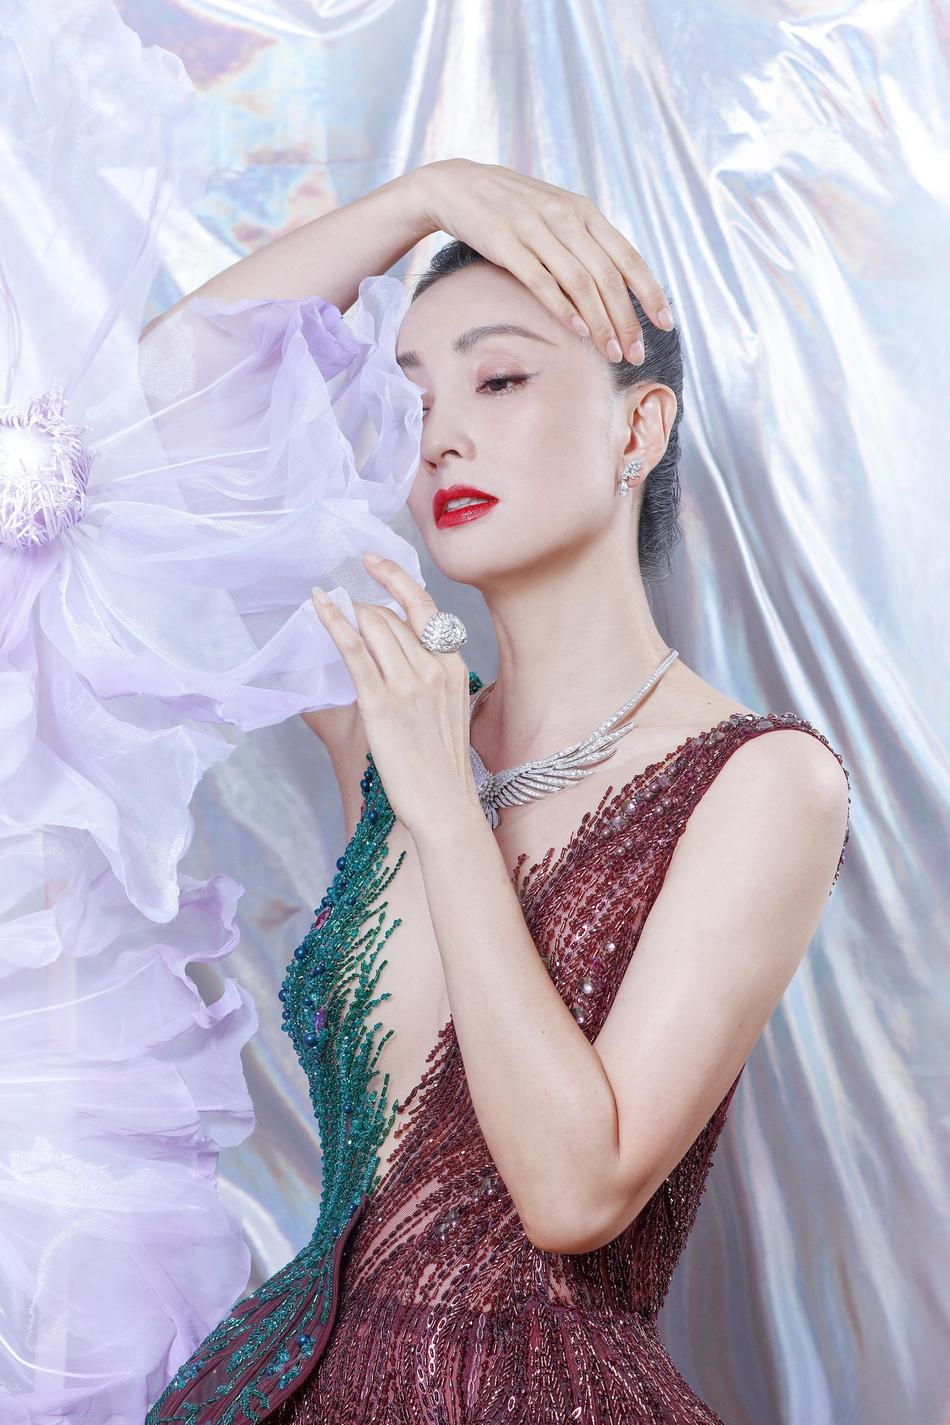 Giá bộ váy khoảng 100 triệu đồng. Hoàng Hải cho biết kỹ thuật đính kết tinh tế cùng việc bố trí chi tiết theo hiệu ứng loang màu được xem là đỉnh cao trong các trang phục do anh tạo ra trong khoảng năm 2018.